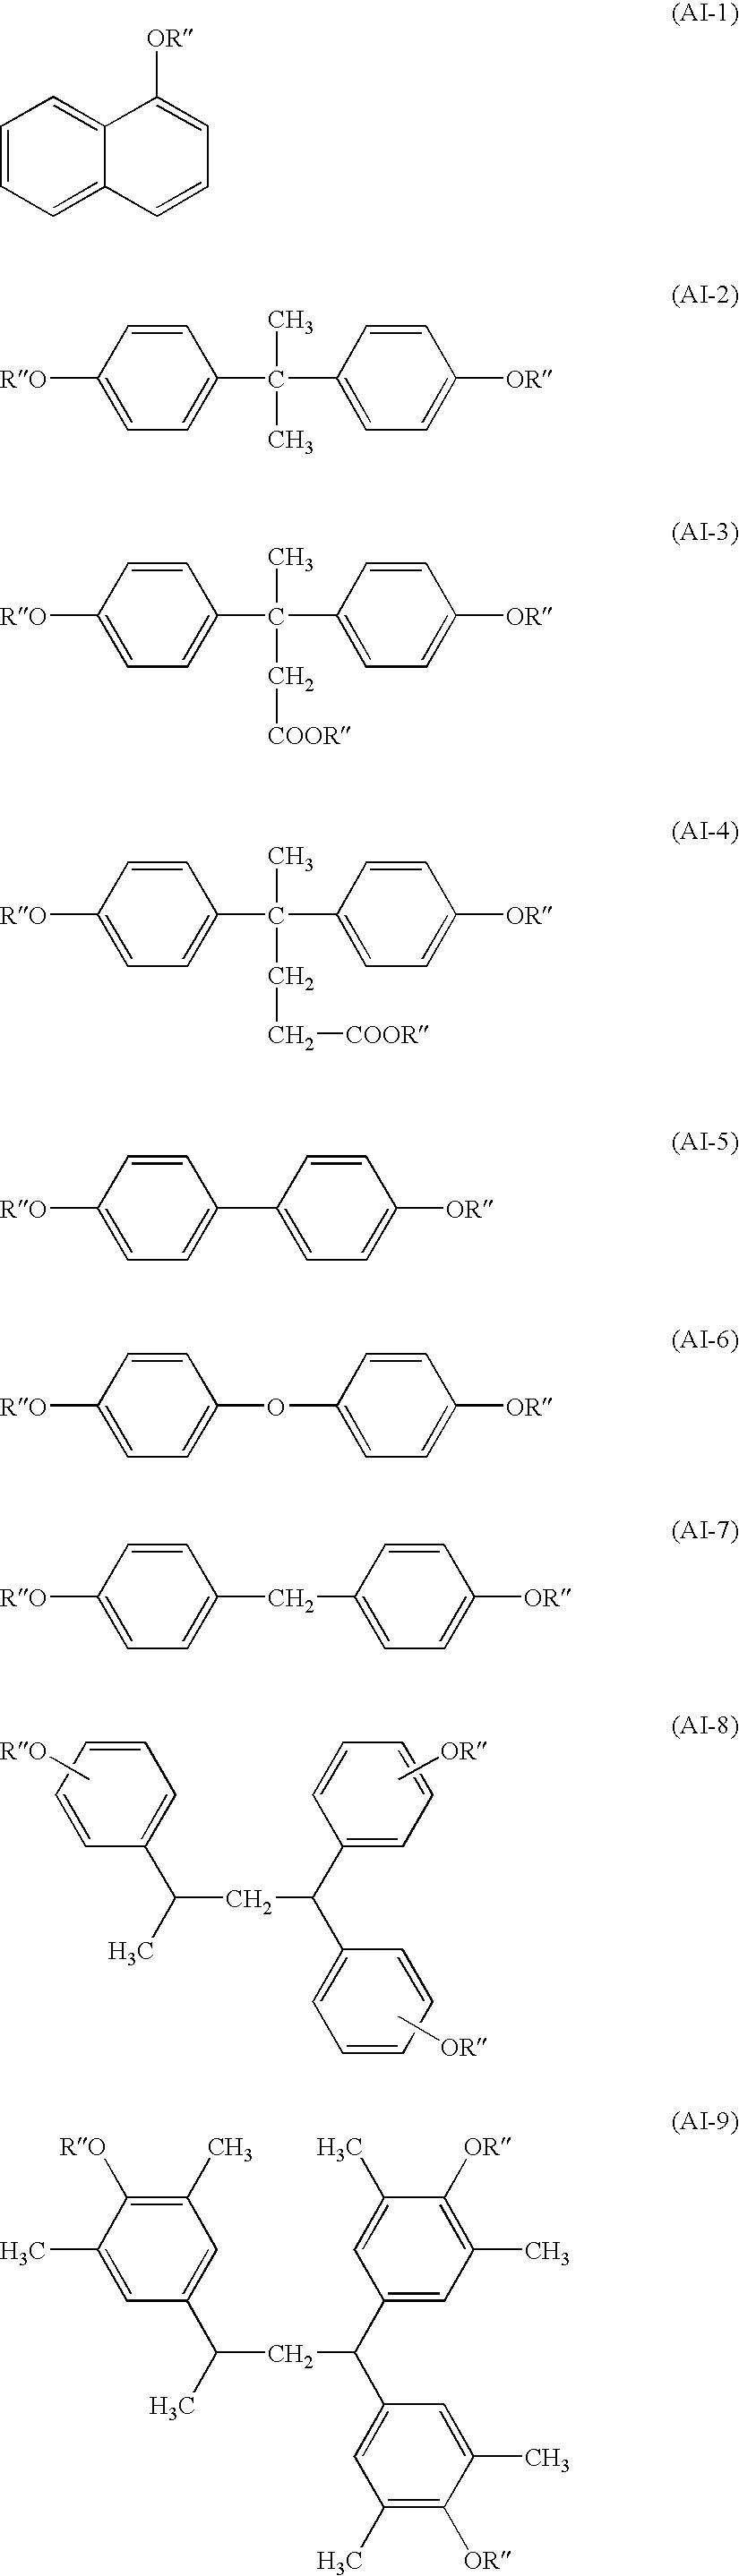 Figure US20080020289A1-20080124-C00050